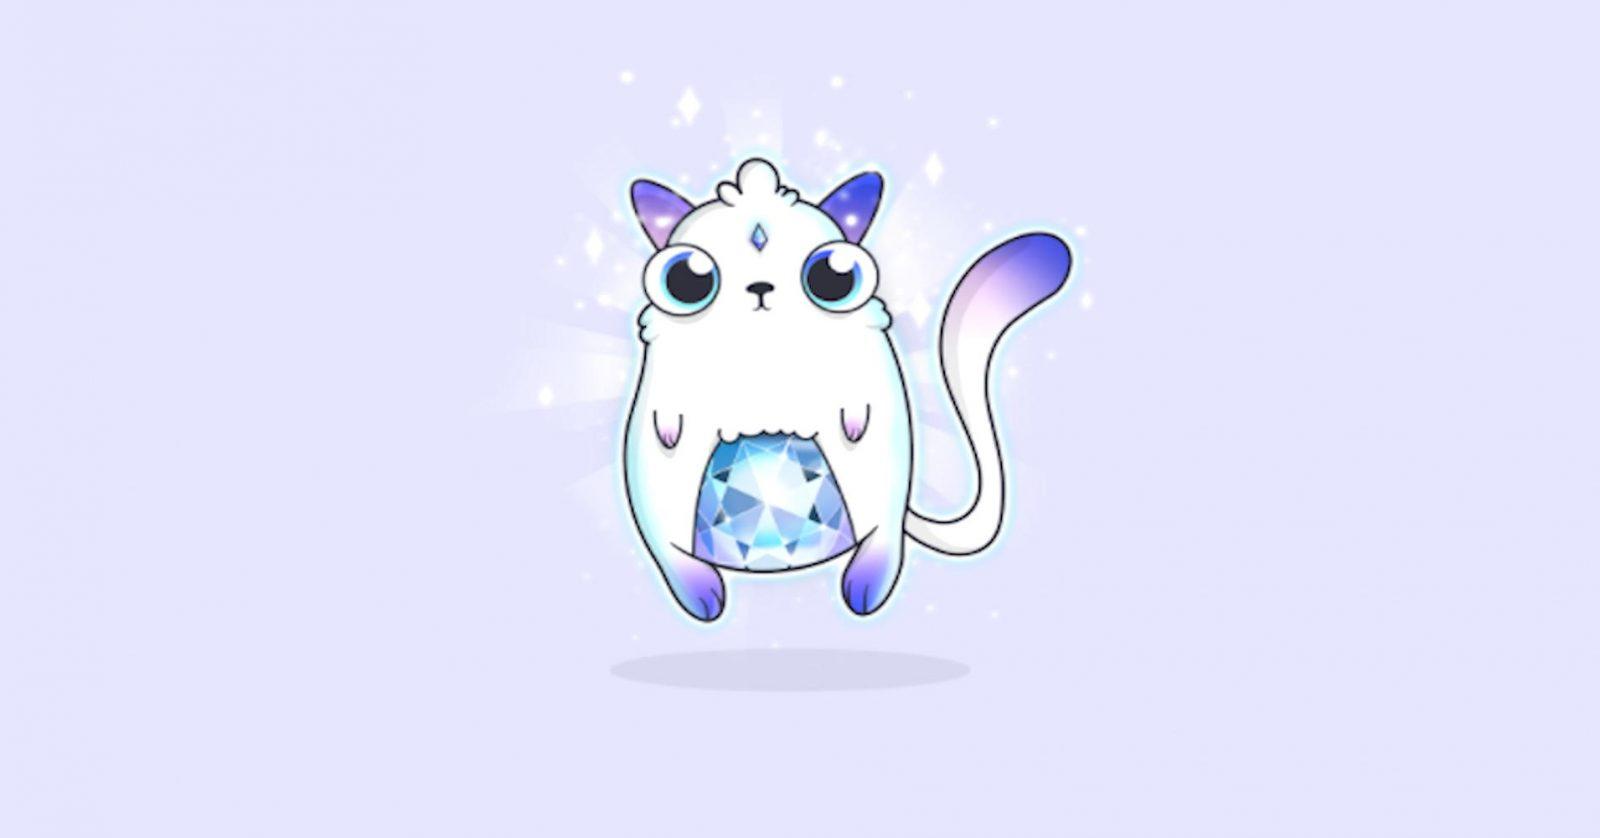 La app di ethereum dei gattini CryptoKitties raccoglie 12 milioni di dollari di finanziamento round A - La app di ethereum dei gattini CryptoKitties raccoglie 12 milioni di dollari di finanziamento round A